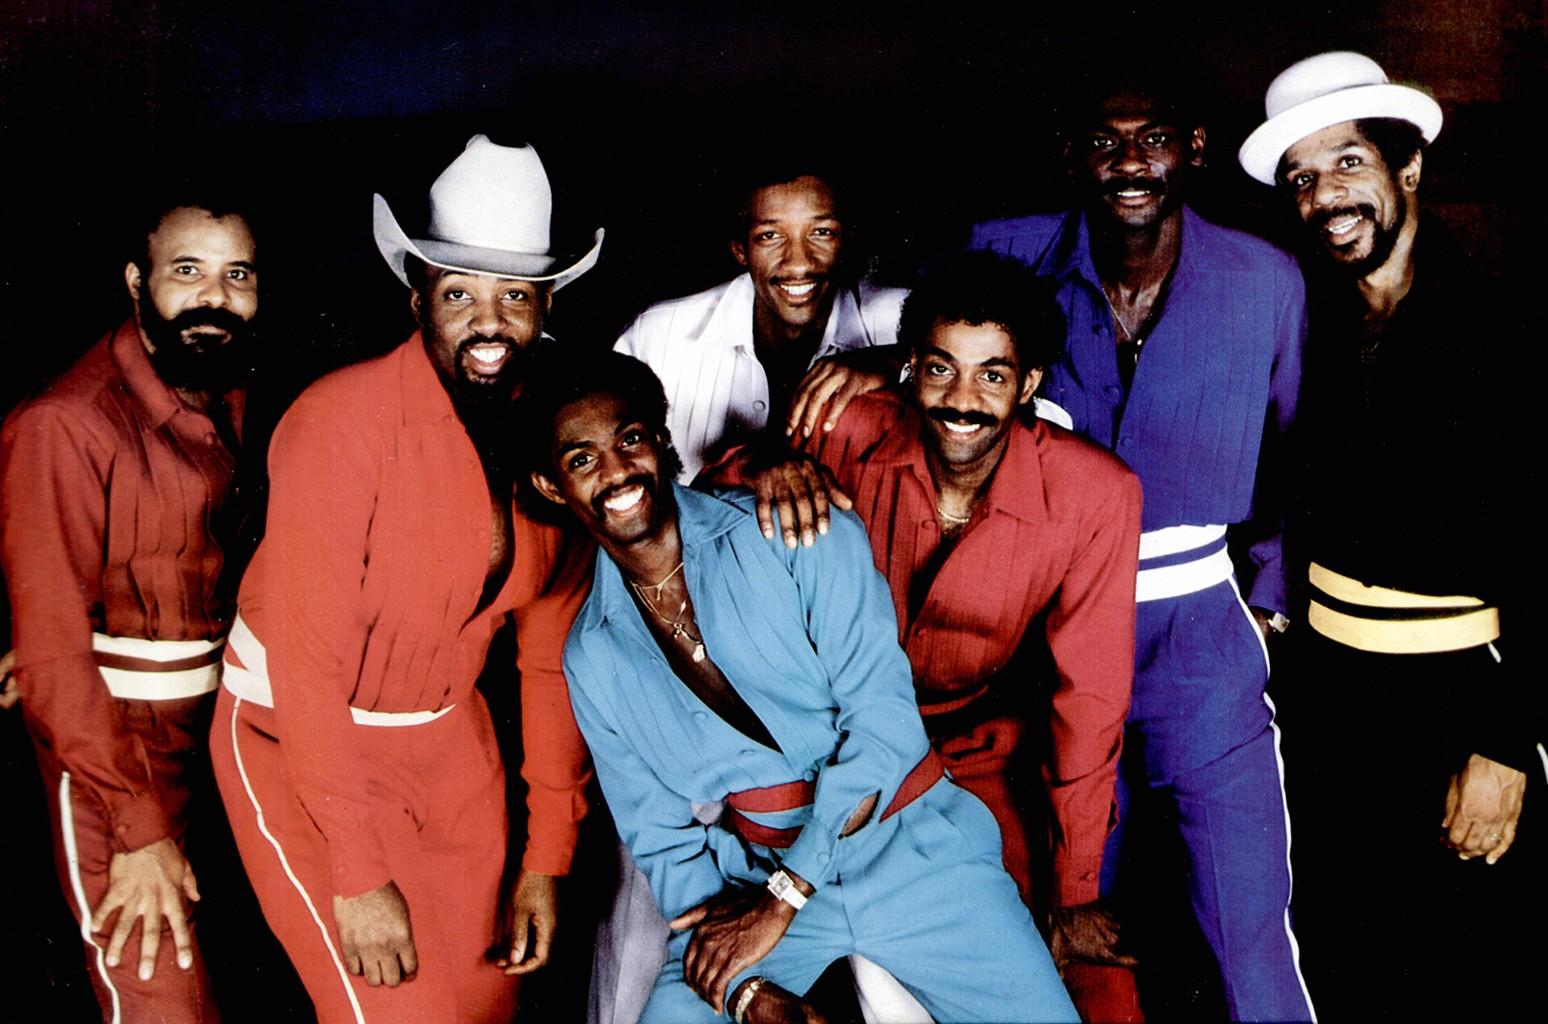 Kool and the Gang circa 1970s.